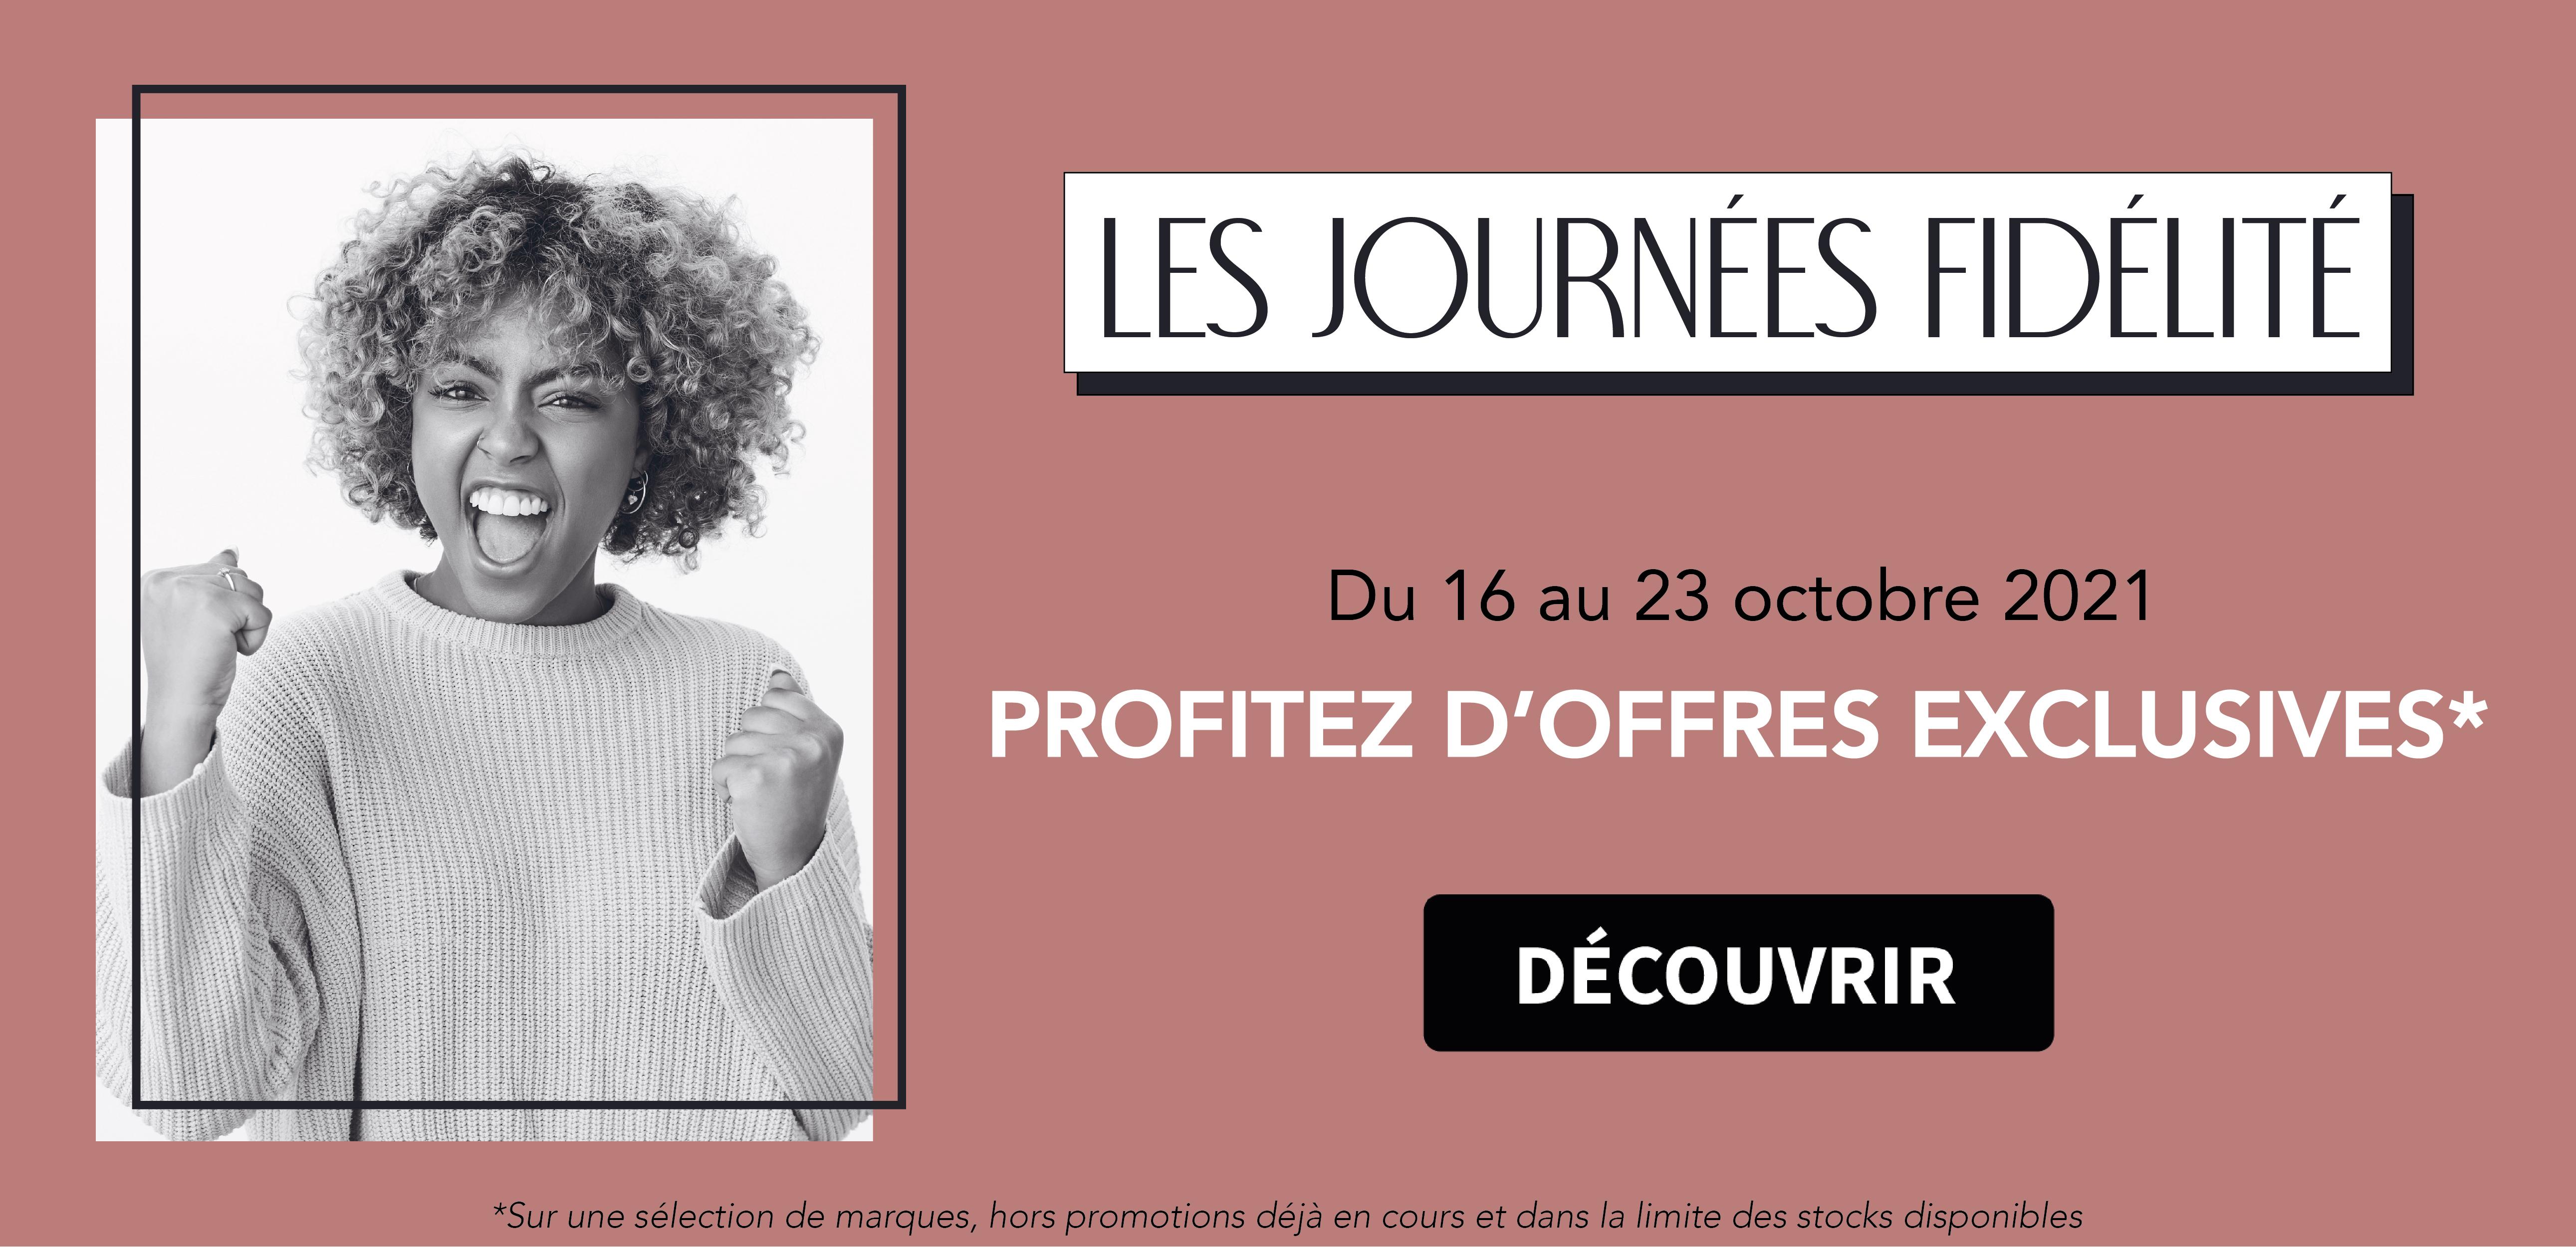 journe-es-fid-site_Plan-de-travail-1